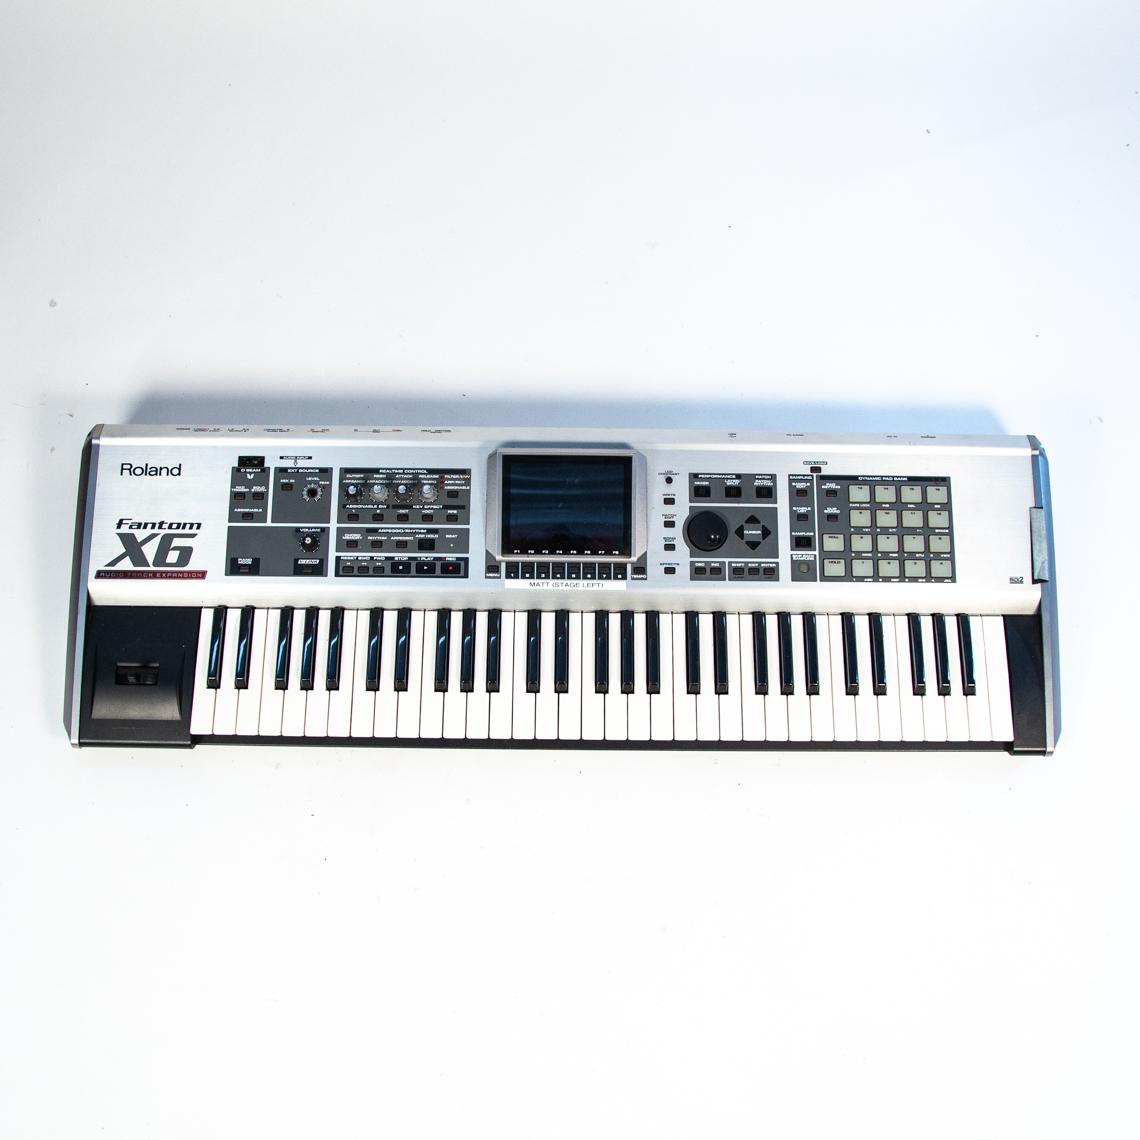 Roland Fantom X6